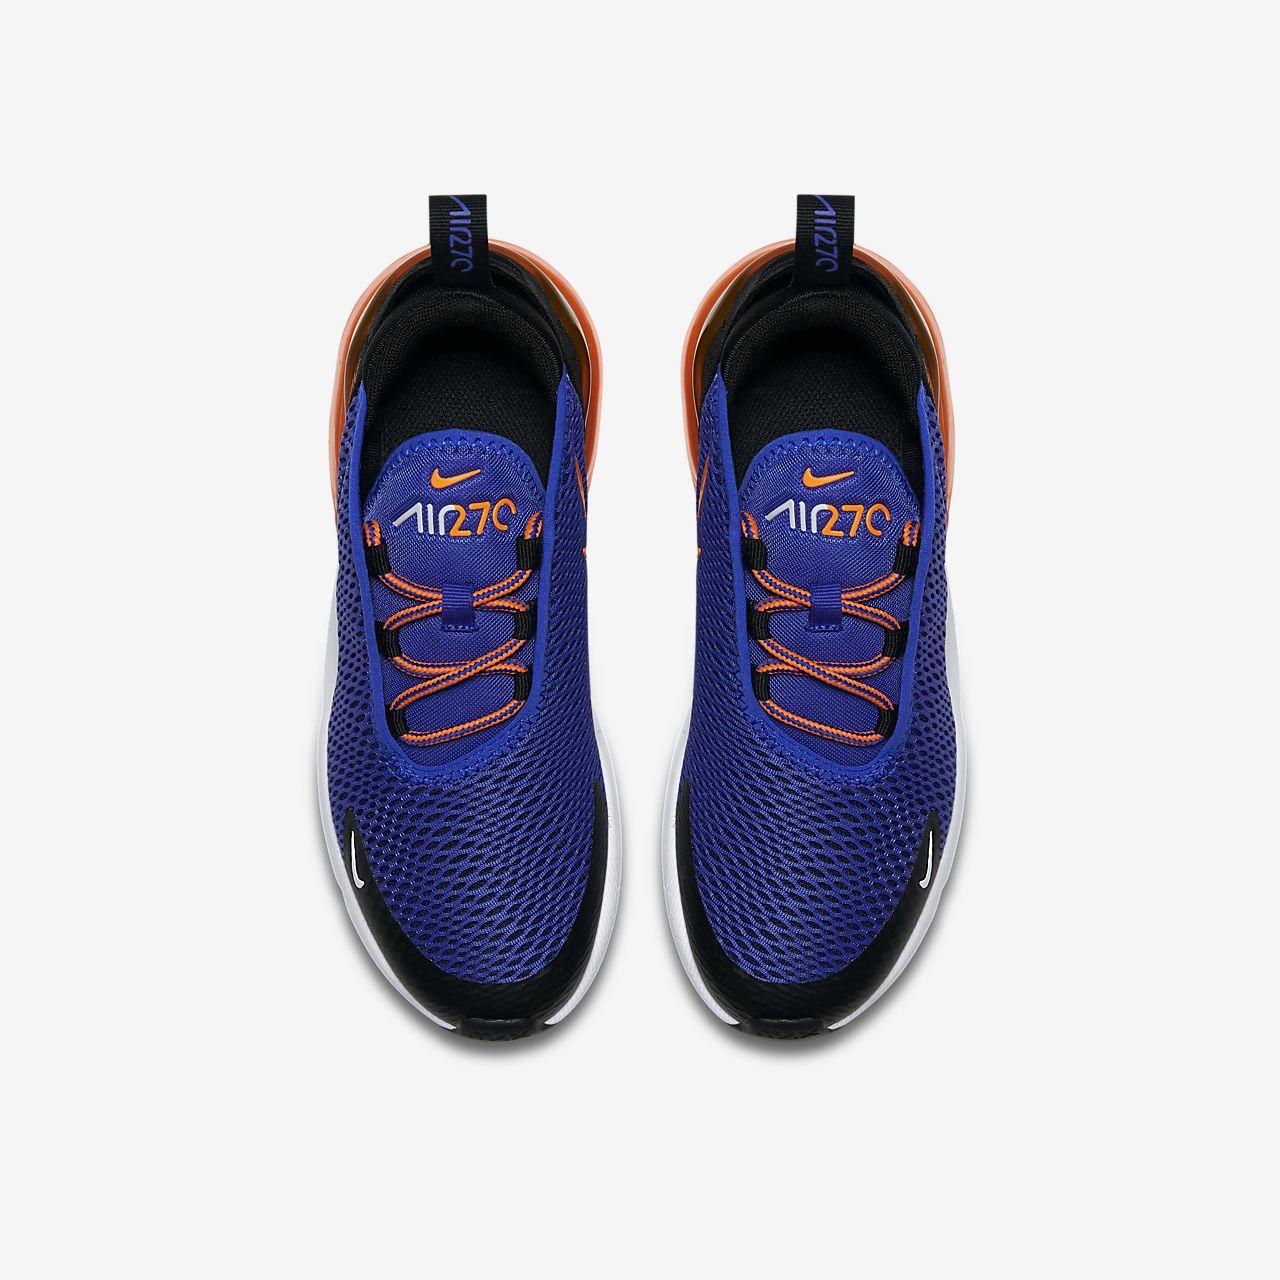 online store ec756 7eb67 Acquista 2 OFF QUALSIASI Nike air max 270 bambino CASE E OTTIENI IL CASE  833c73